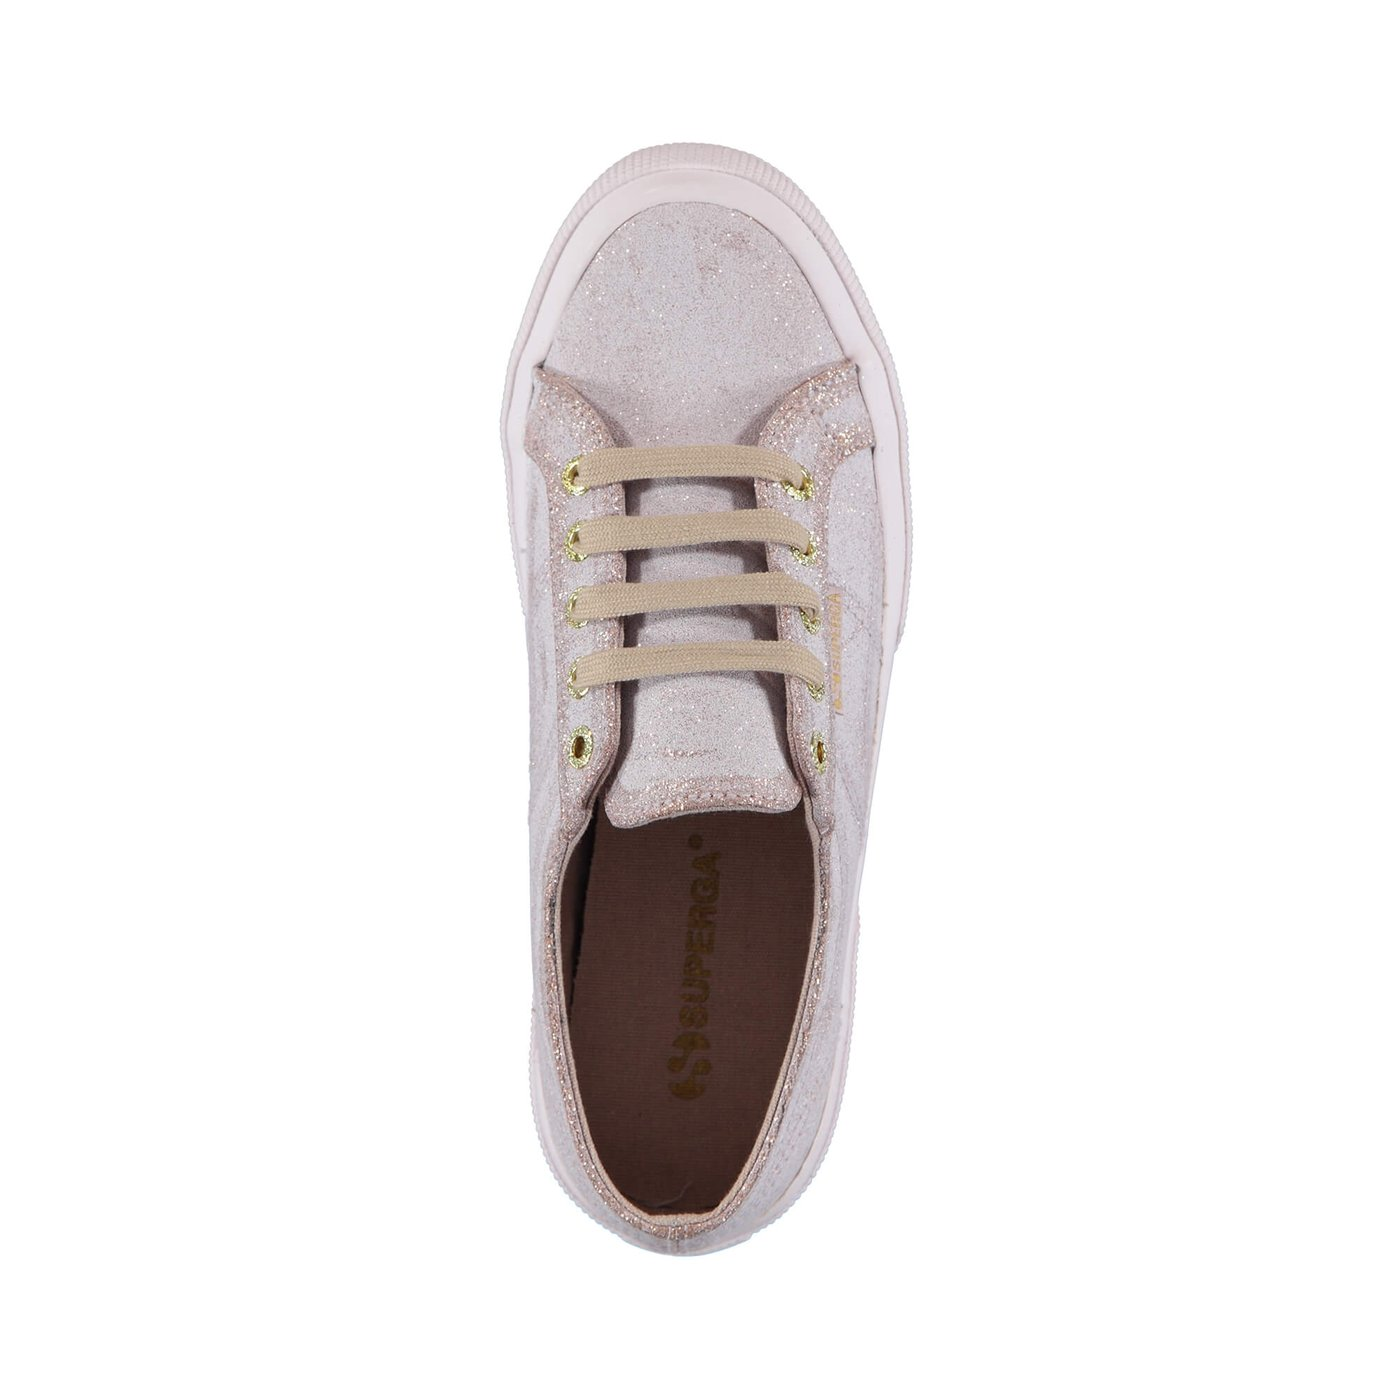 Superga 2750 Glitter Kadın Metalik Sneaker